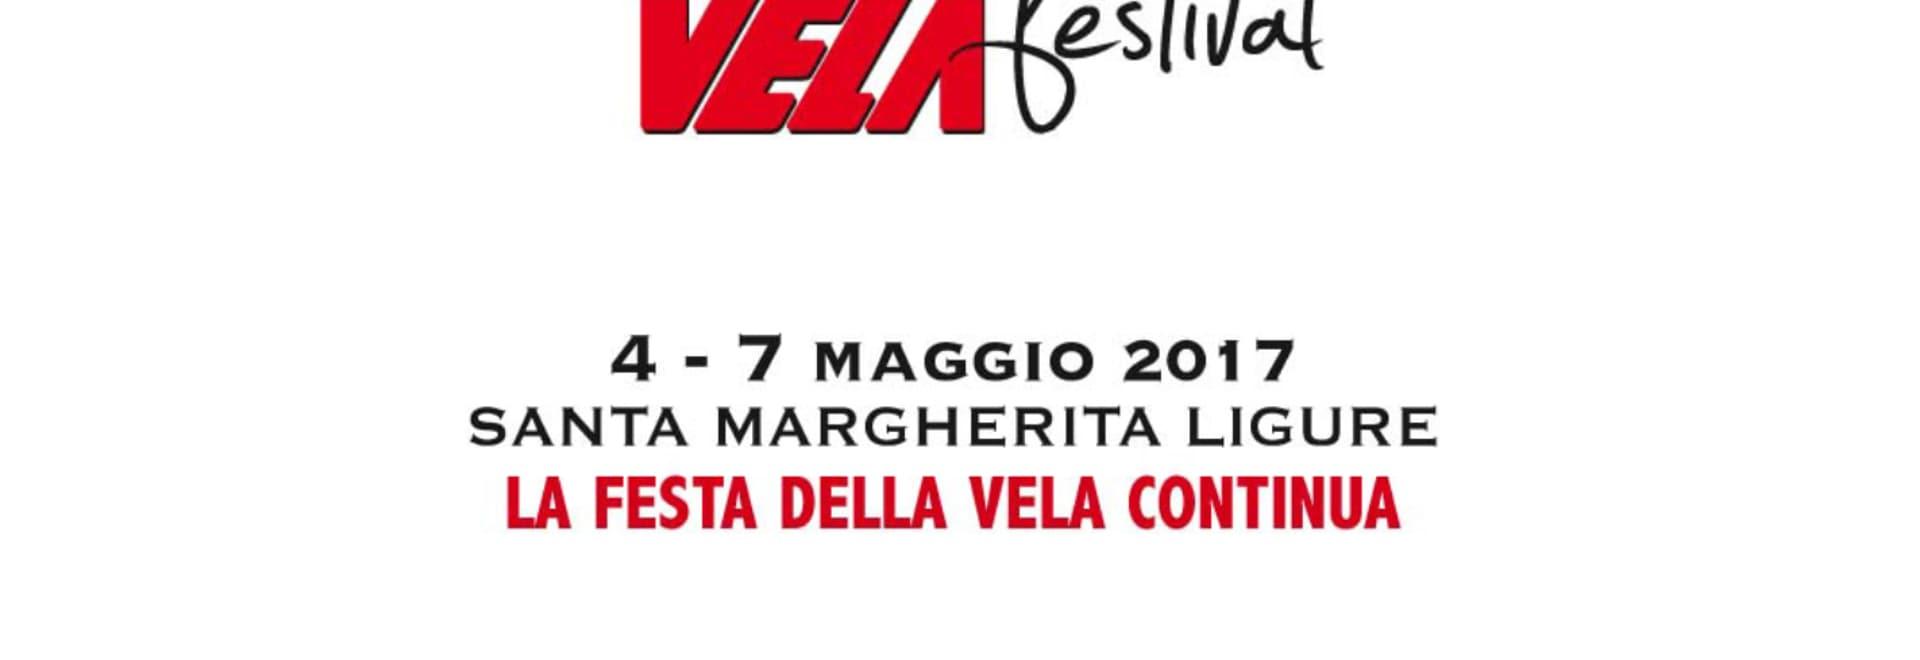 Velafestival 2017 - May 4-7